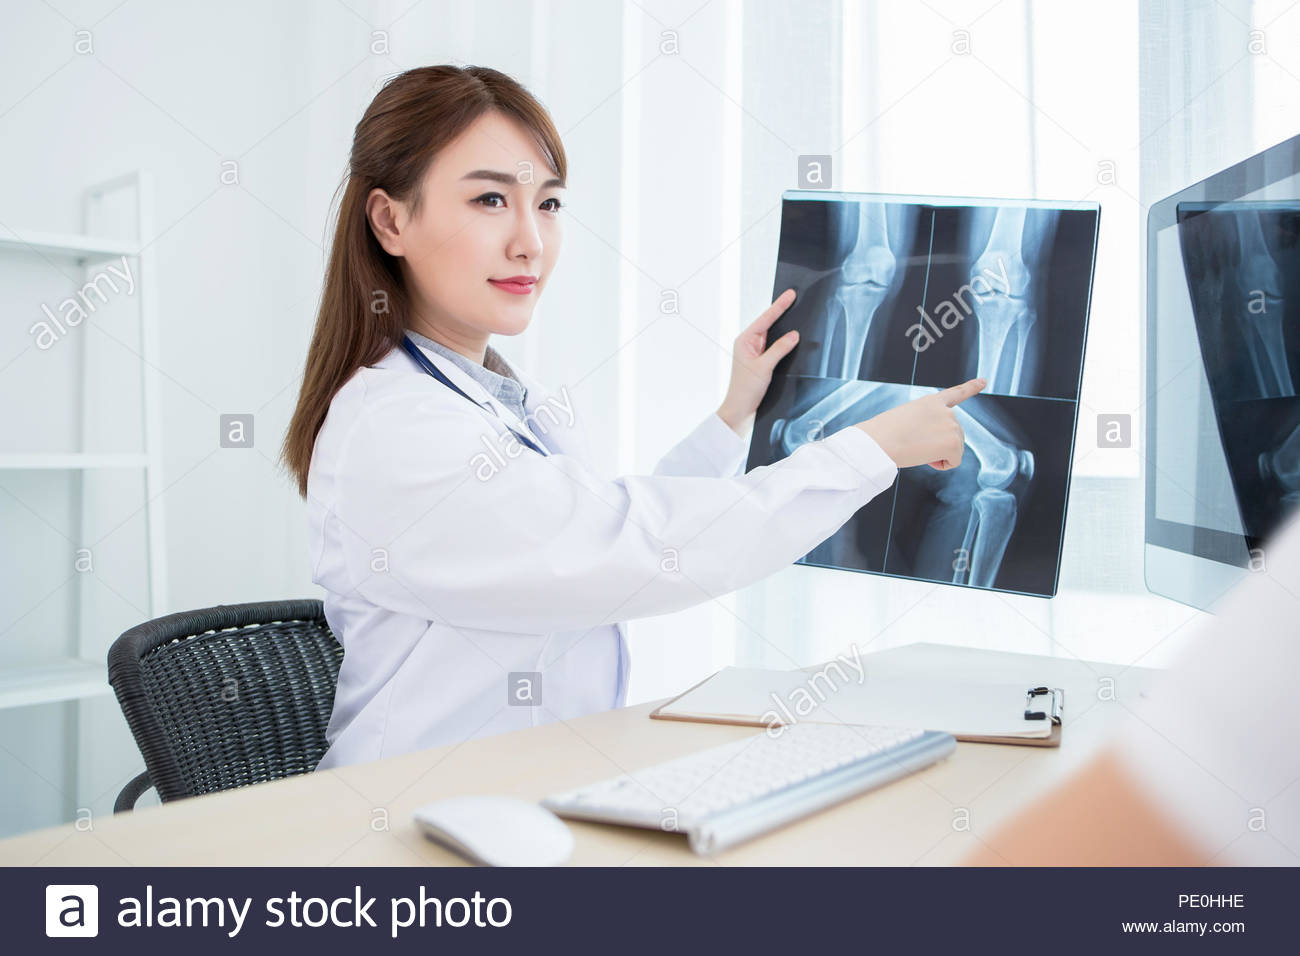 Orthopedist is working - Stock Image